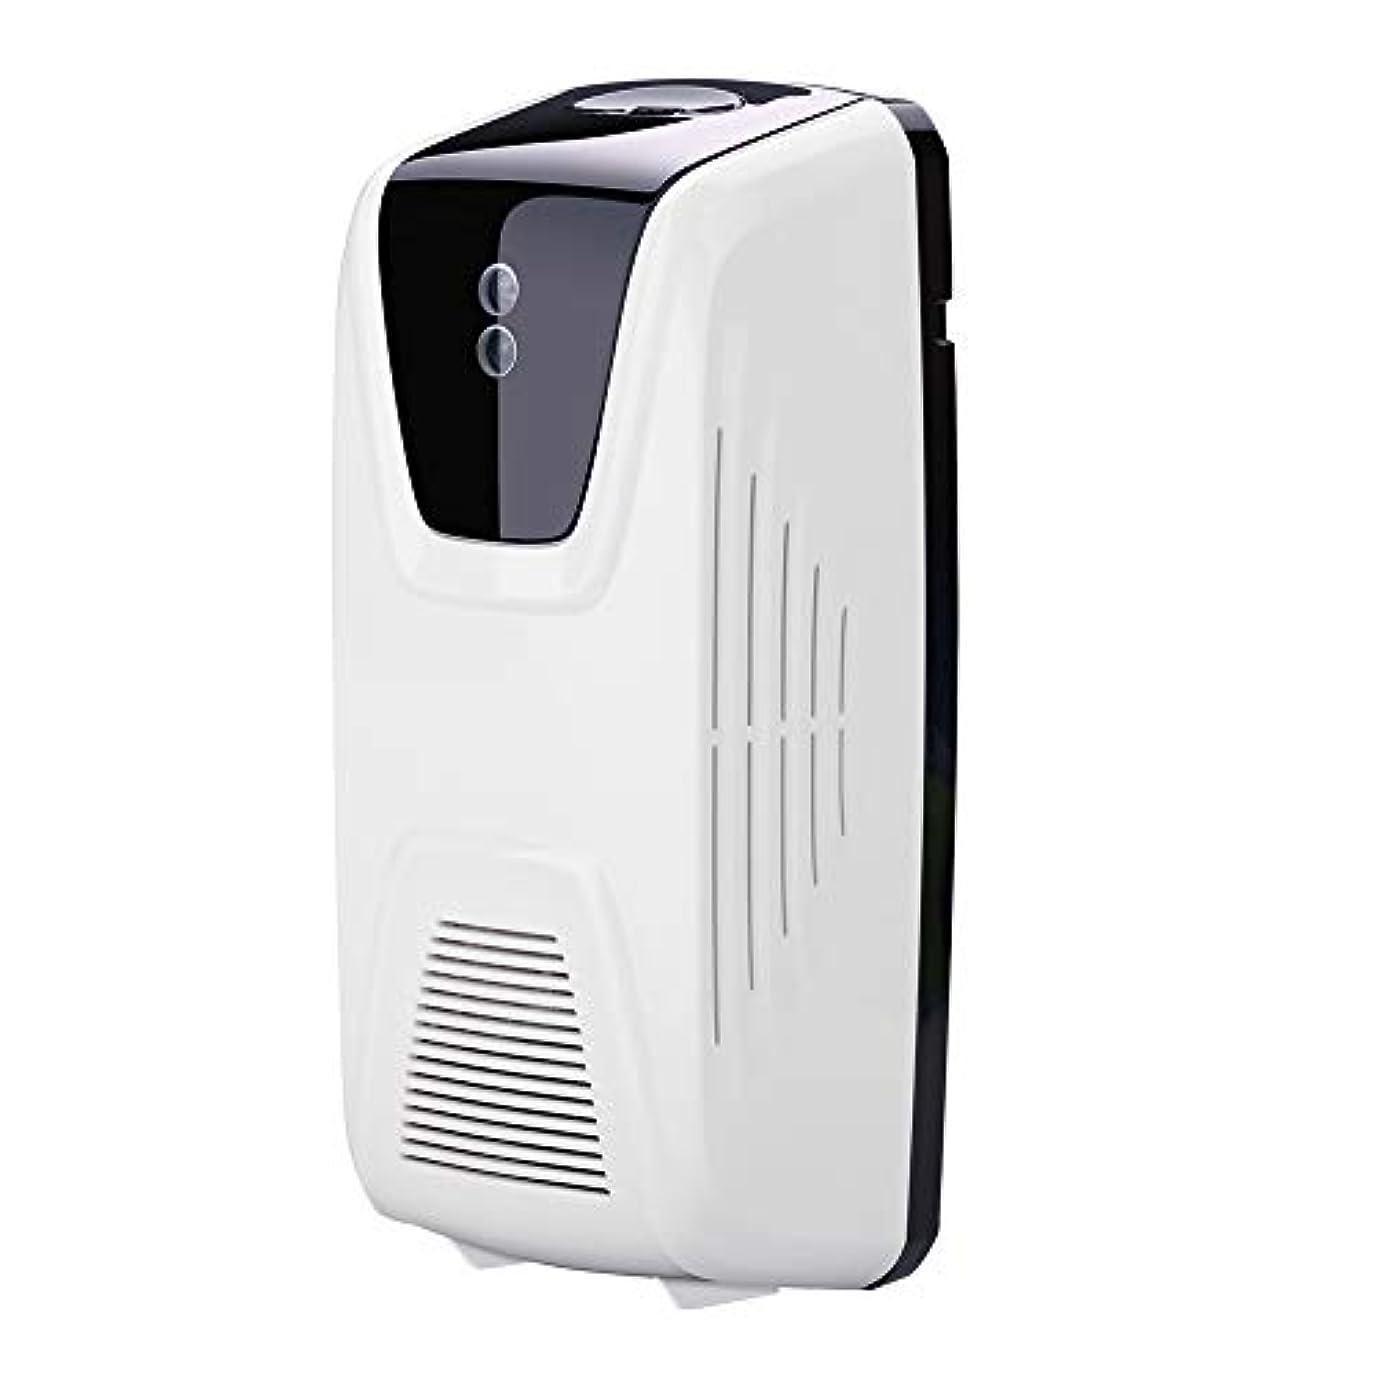 教室ワイン禁止Rakuby ファン型 自動 軽いセンサー 空気清浄 ディスペンサー使用 エッセンシャルオイル 香水詰め替え スプレー缶